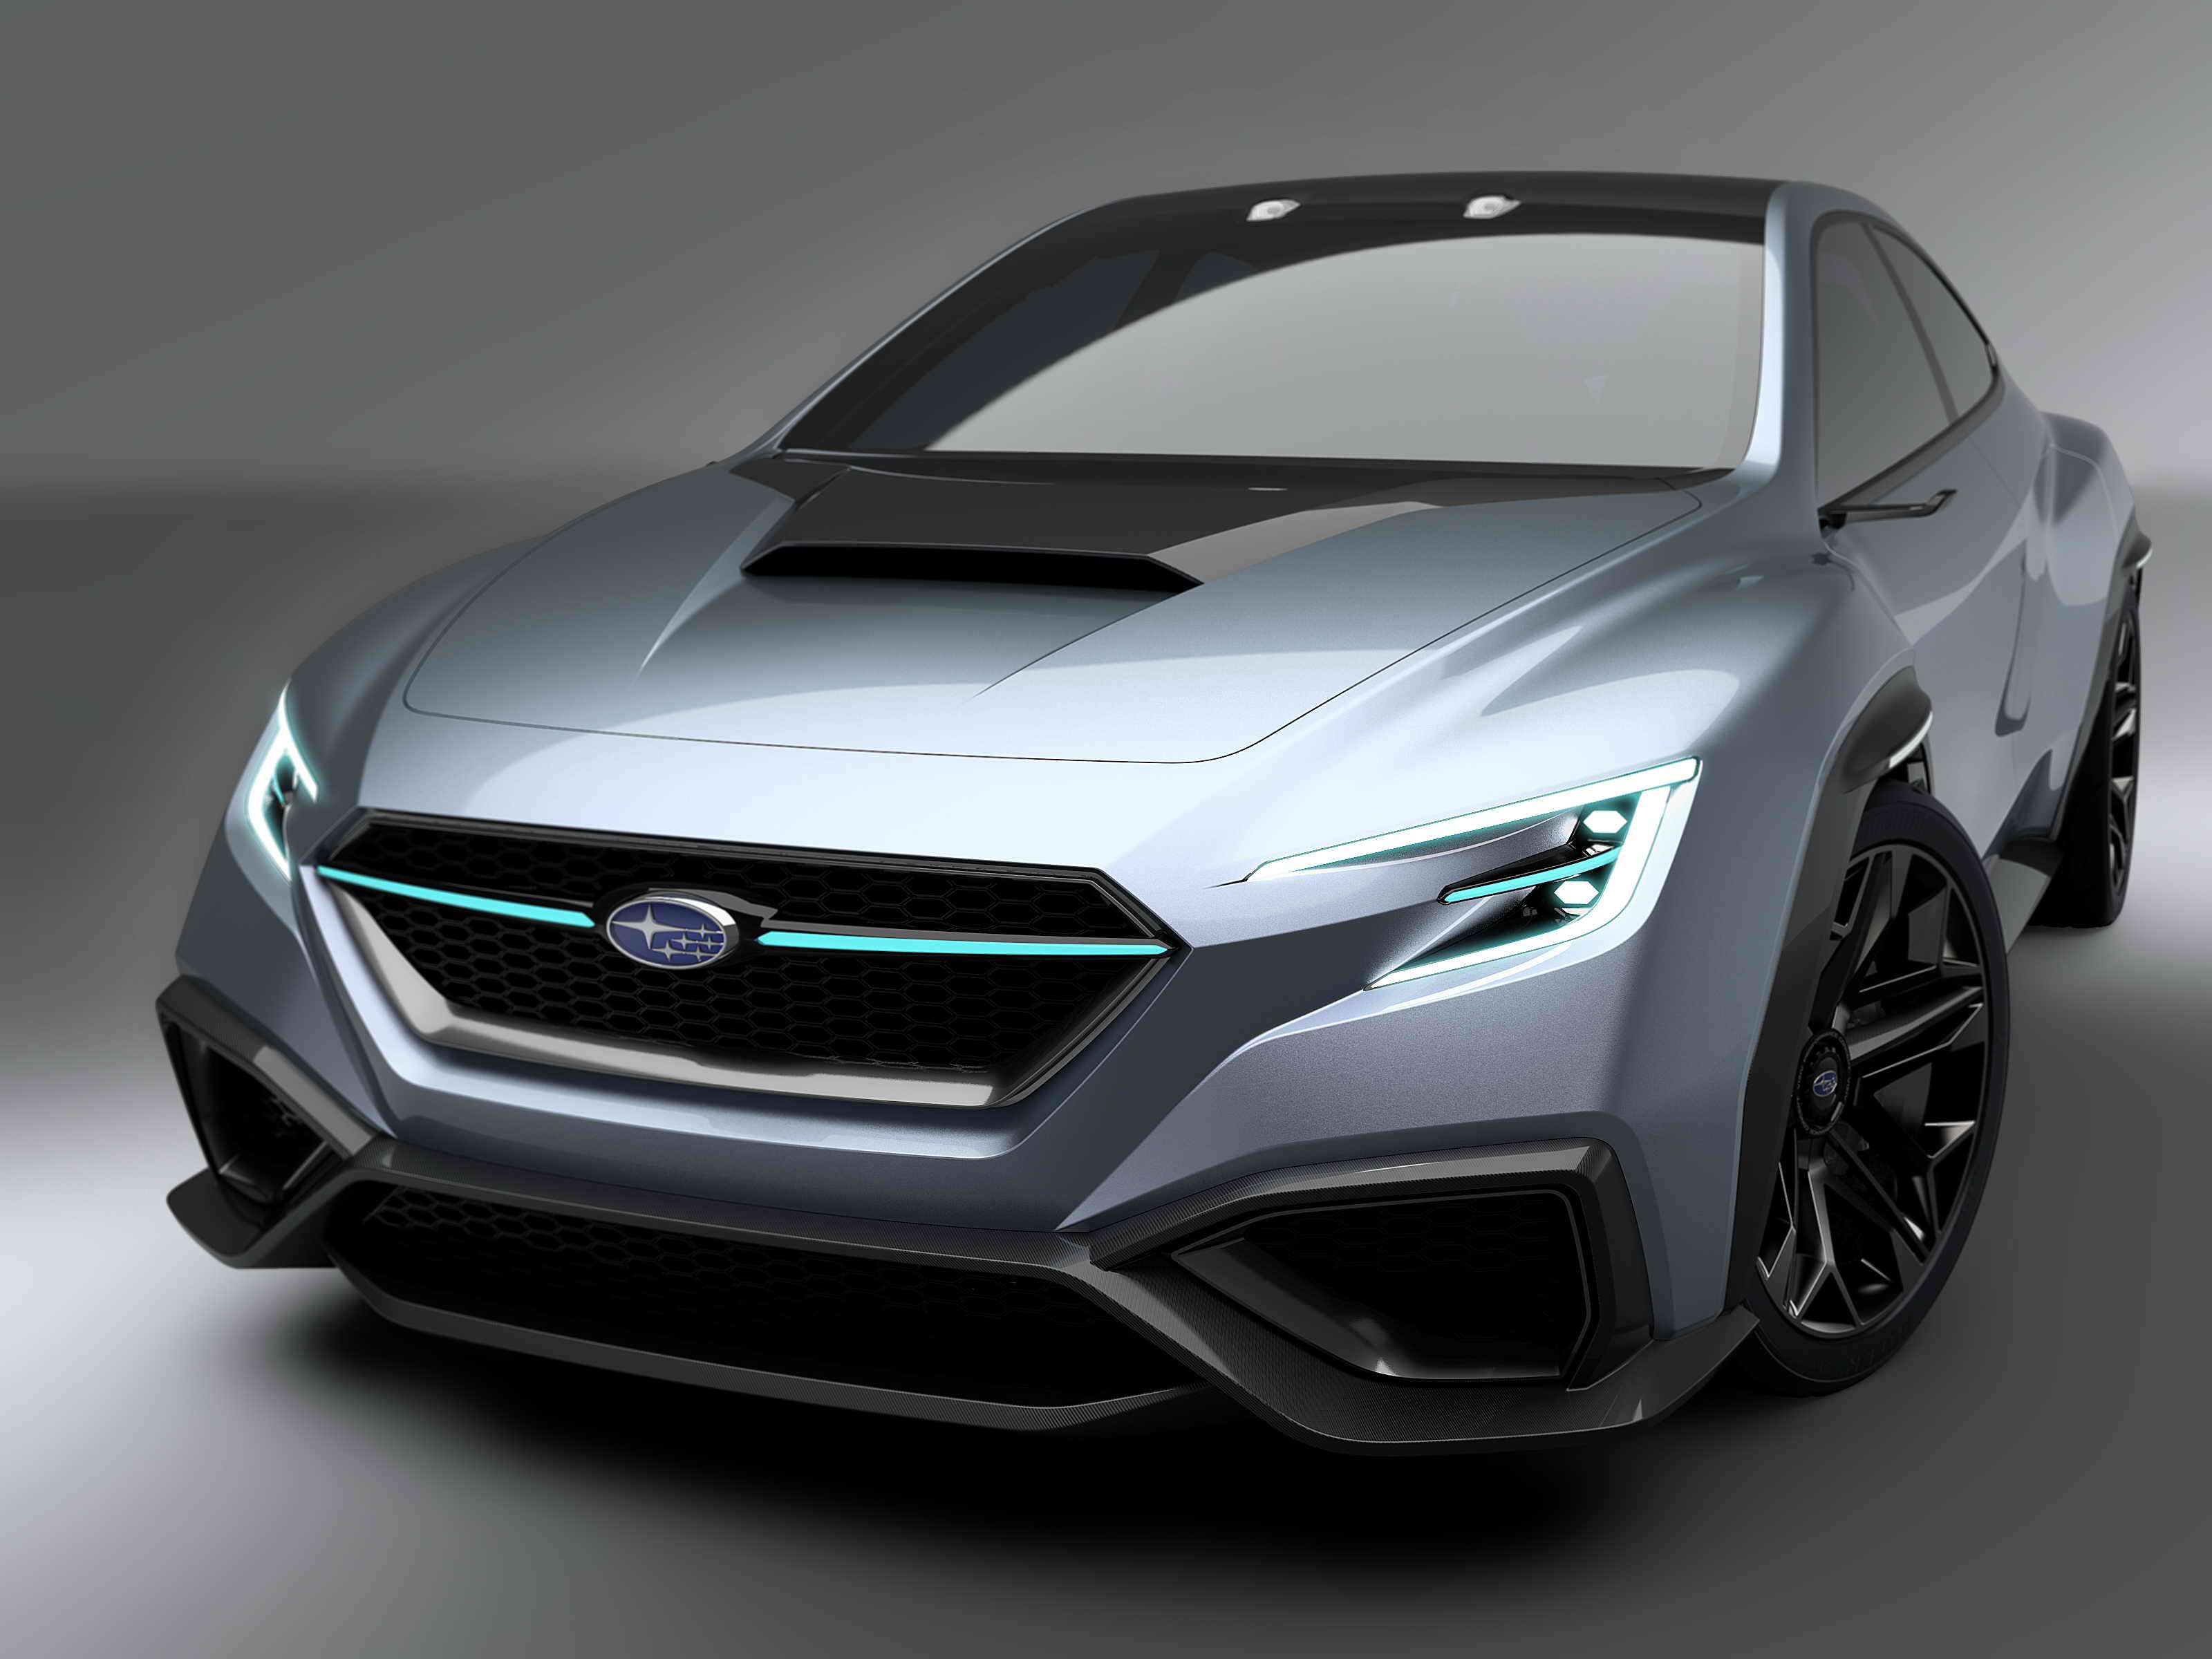 東京車展上 SUBARU精銳盡出 概念車型與限量高性能車 極有看頭